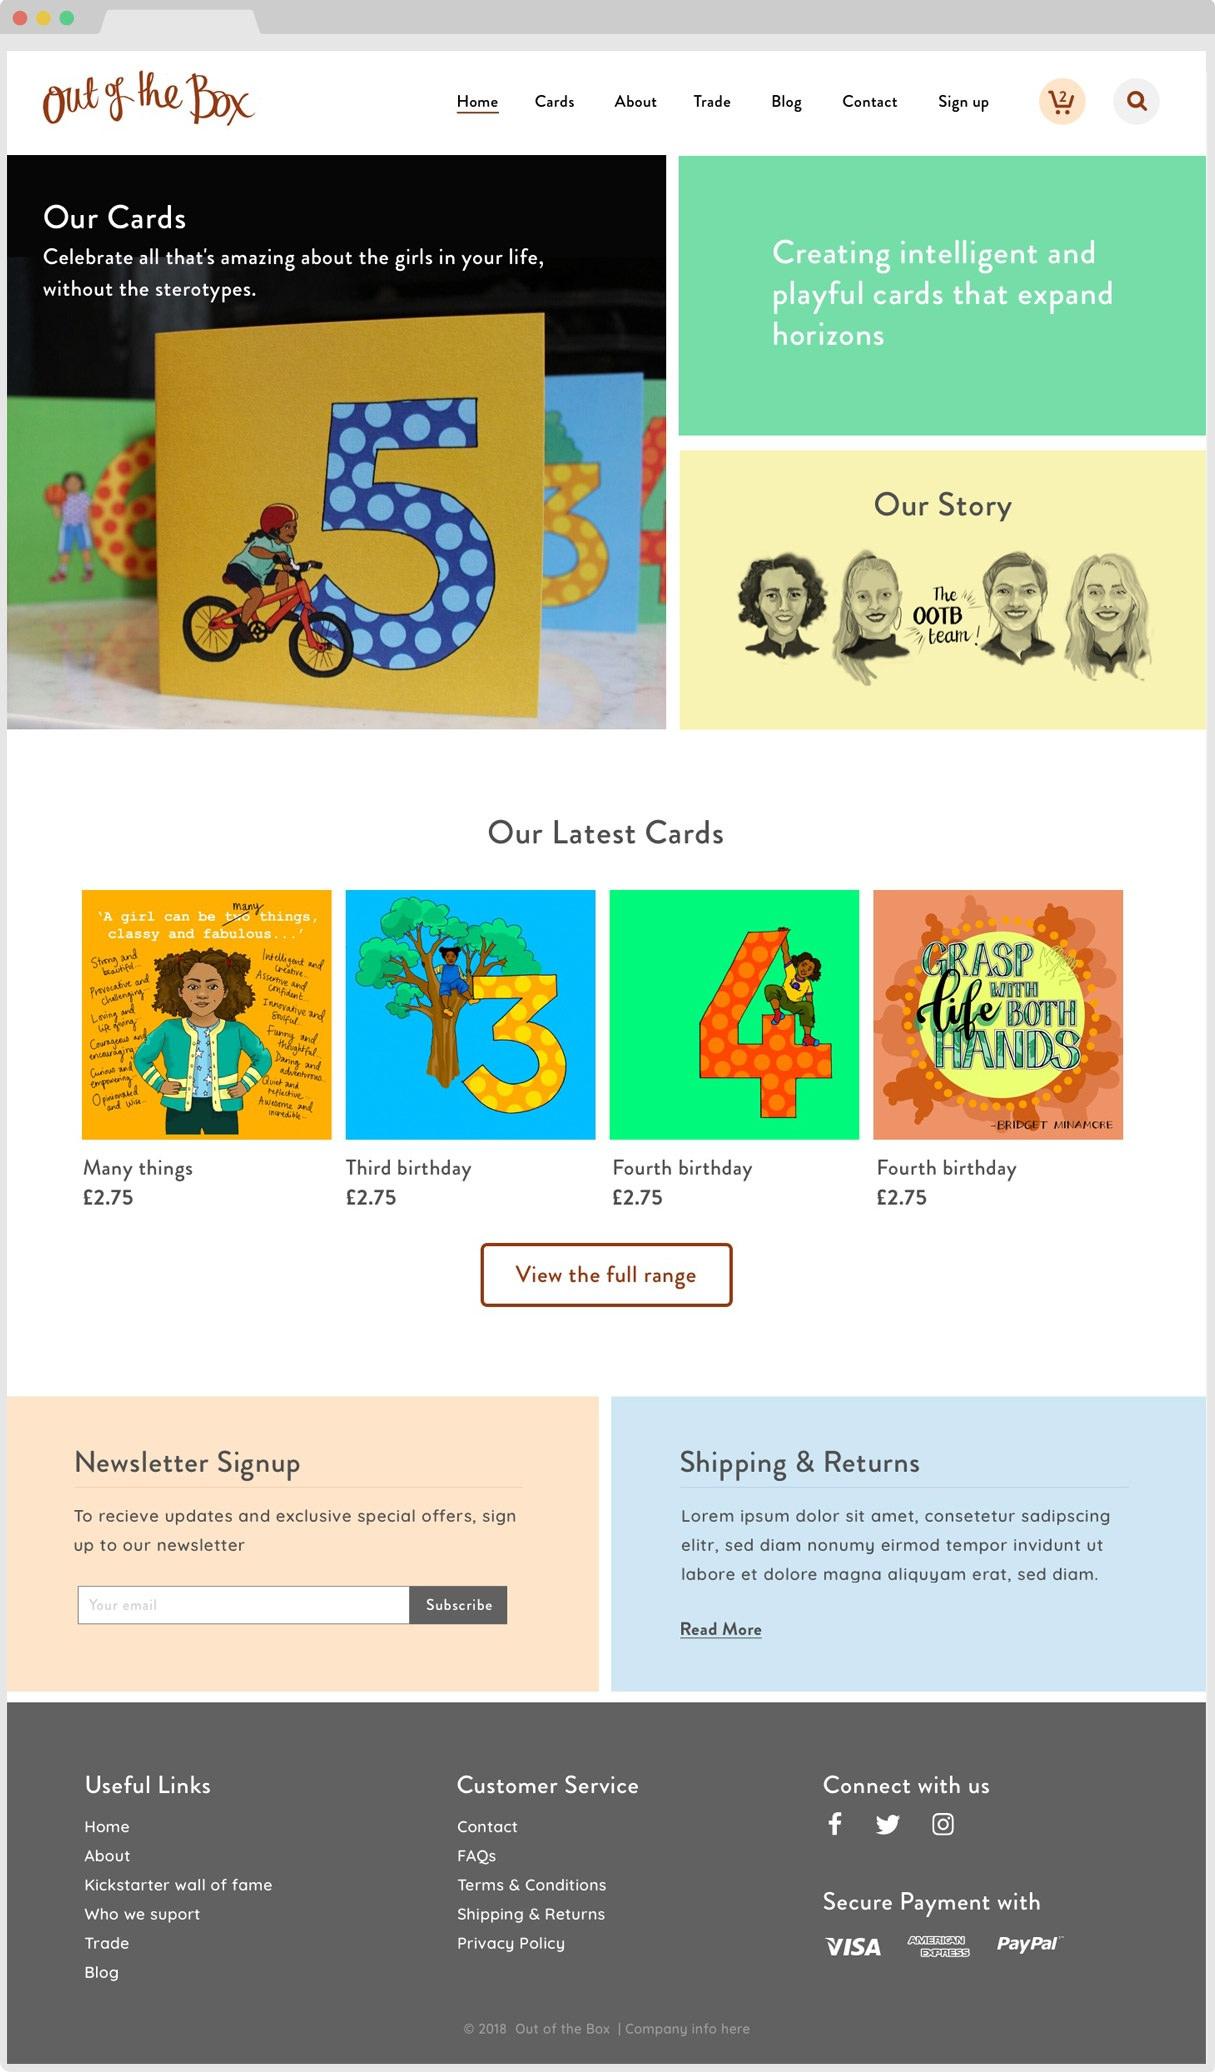 Ootb Homepage